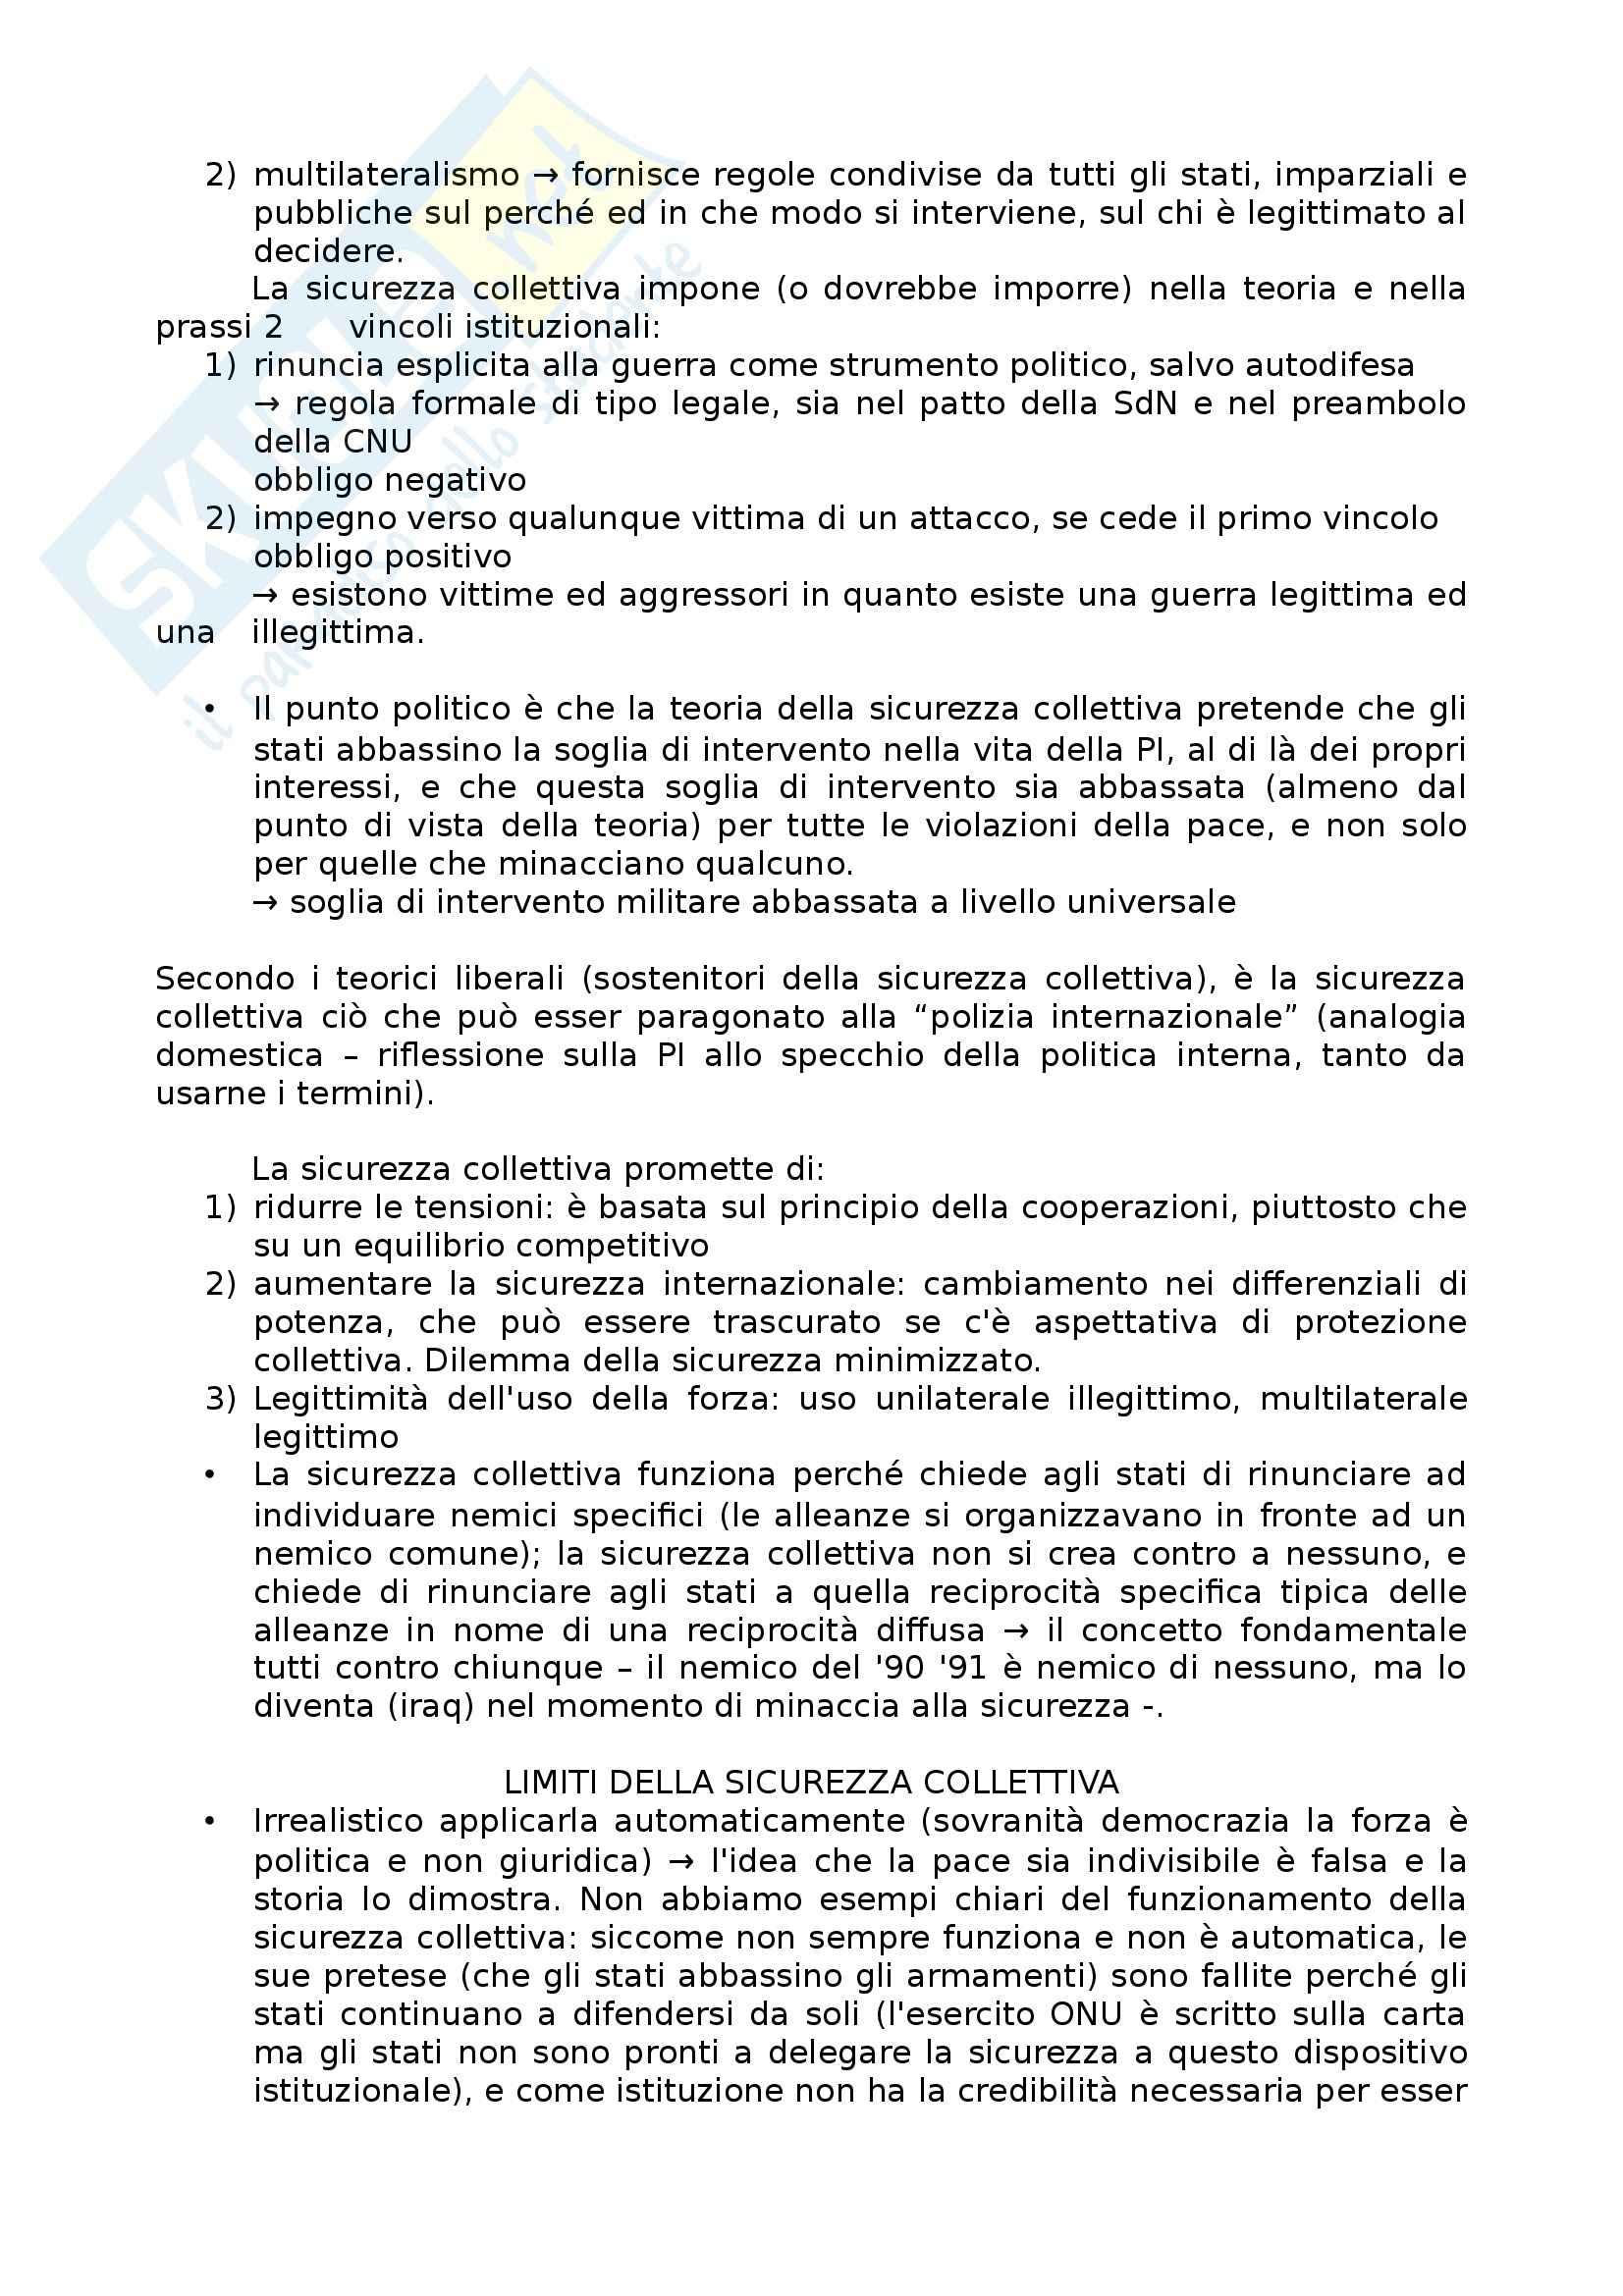 Lezioni, Relazioni internazionali Pag. 46